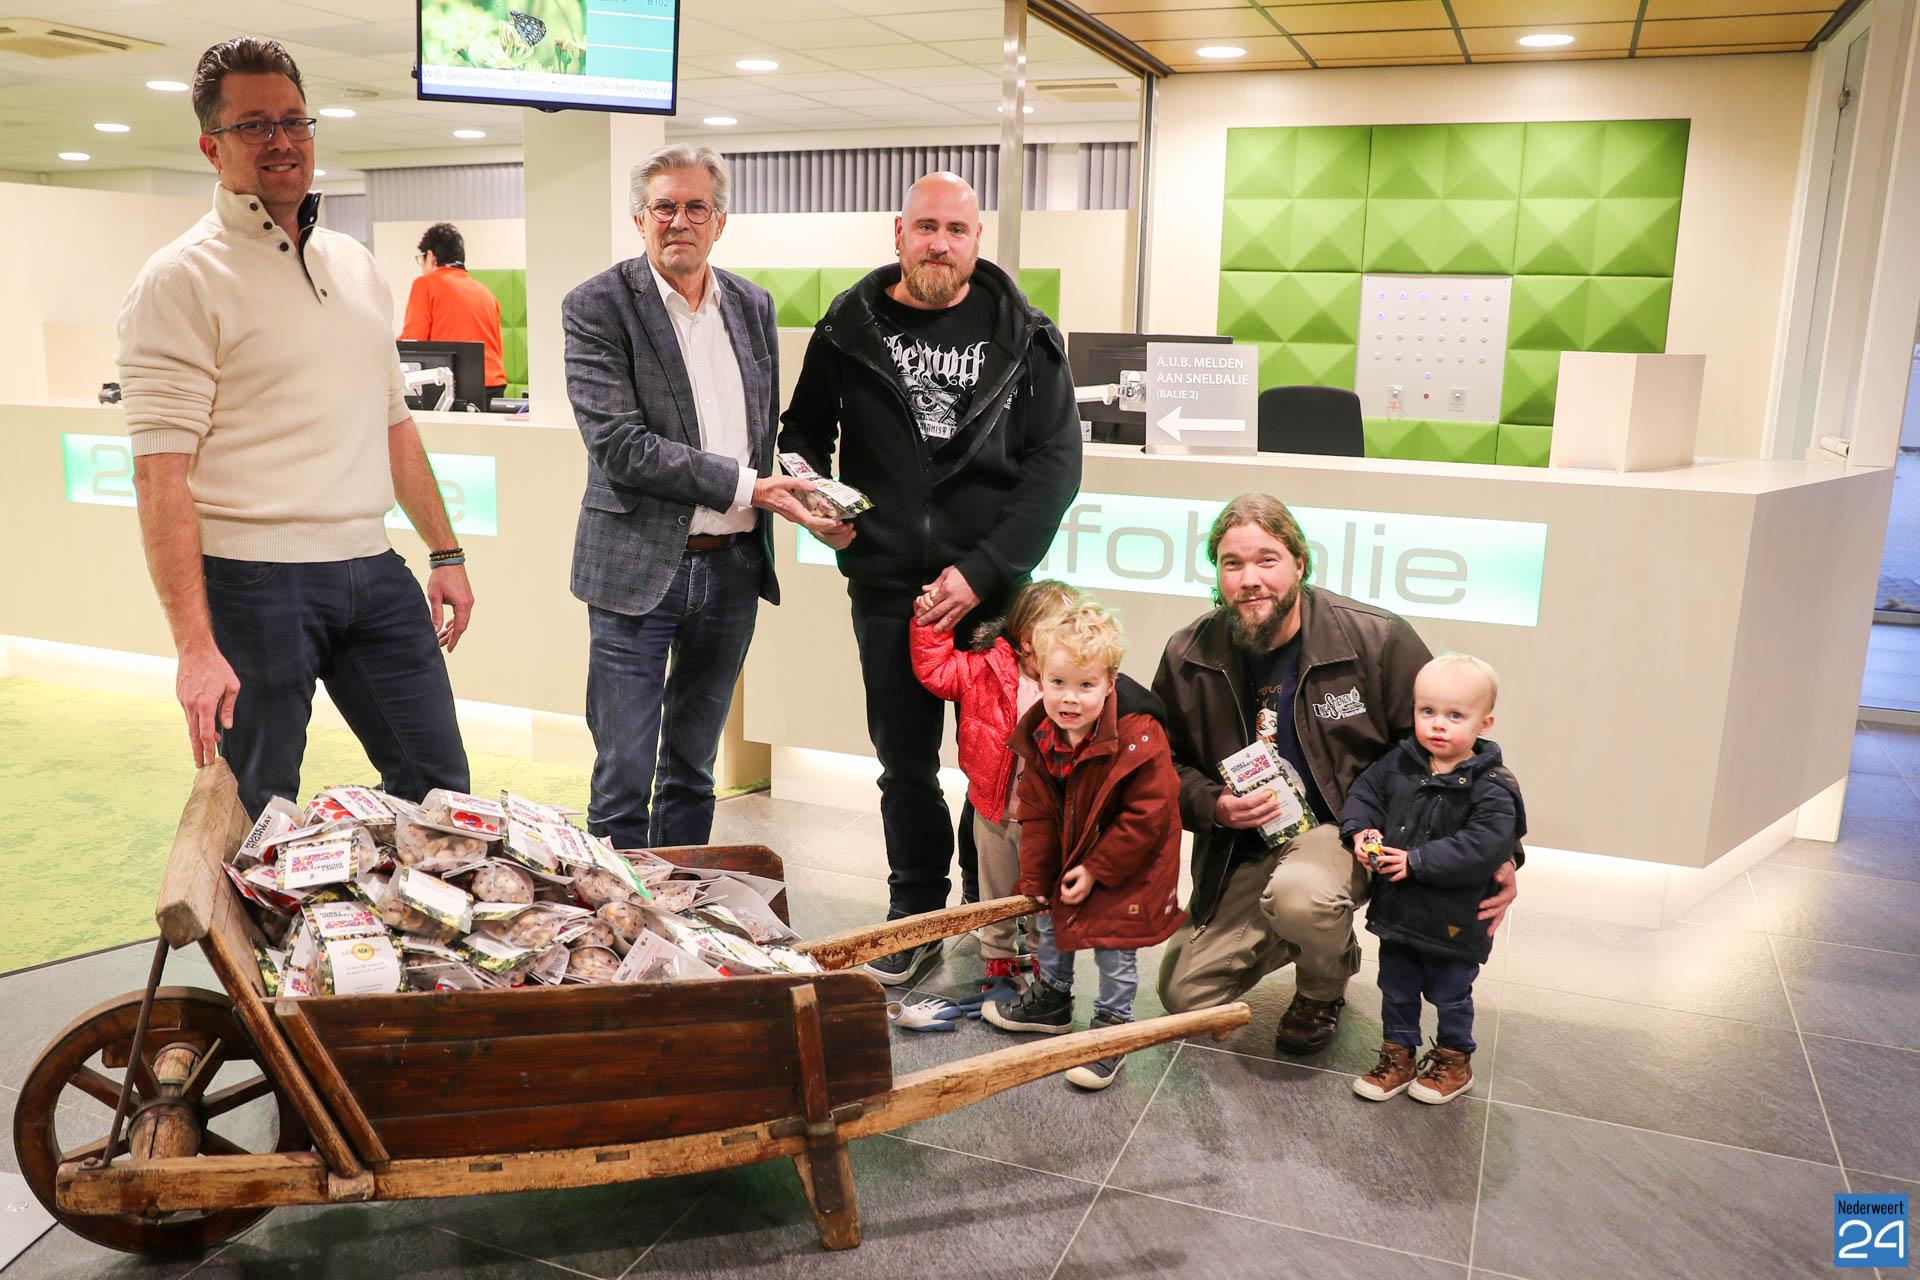 Gratis zakjes bloembollenmengsel voor inwoners Nederweert - Nederweert24